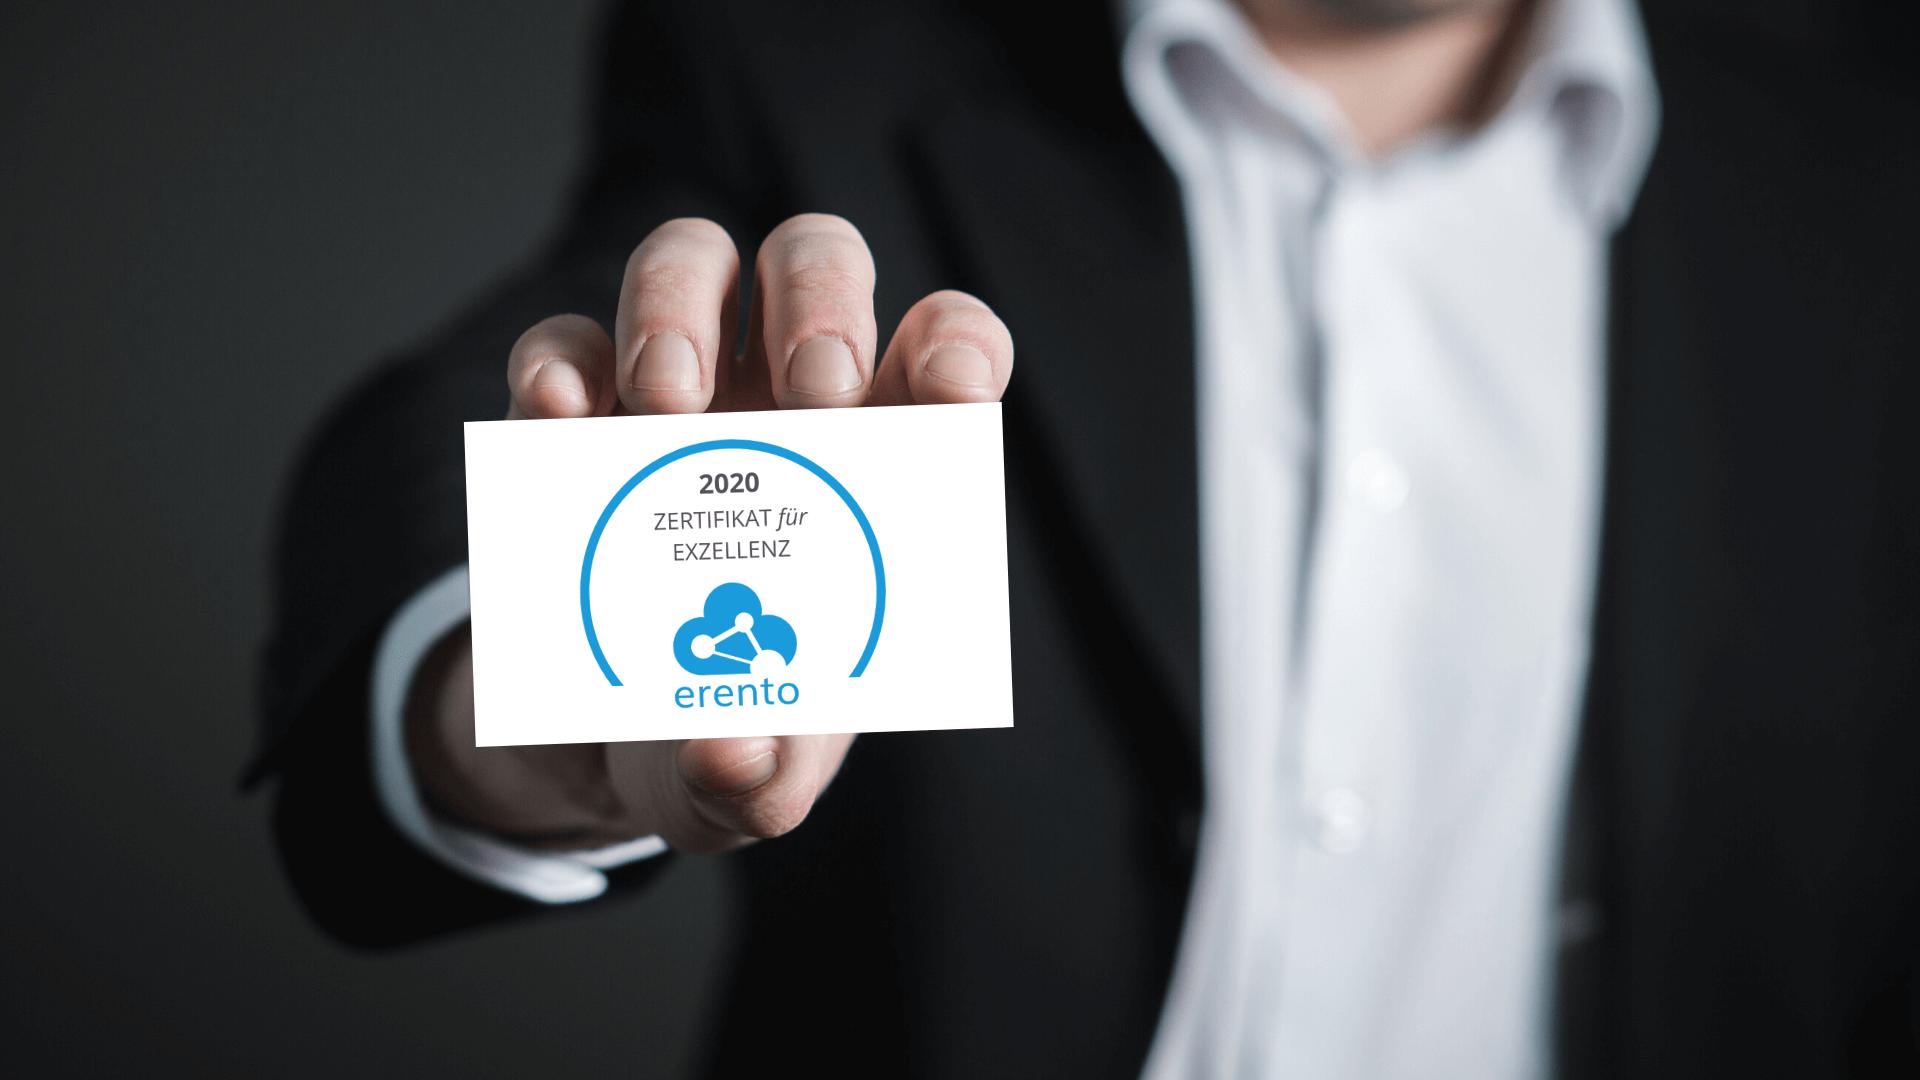 Erento Exzellenz Zertifikat als Businesscard